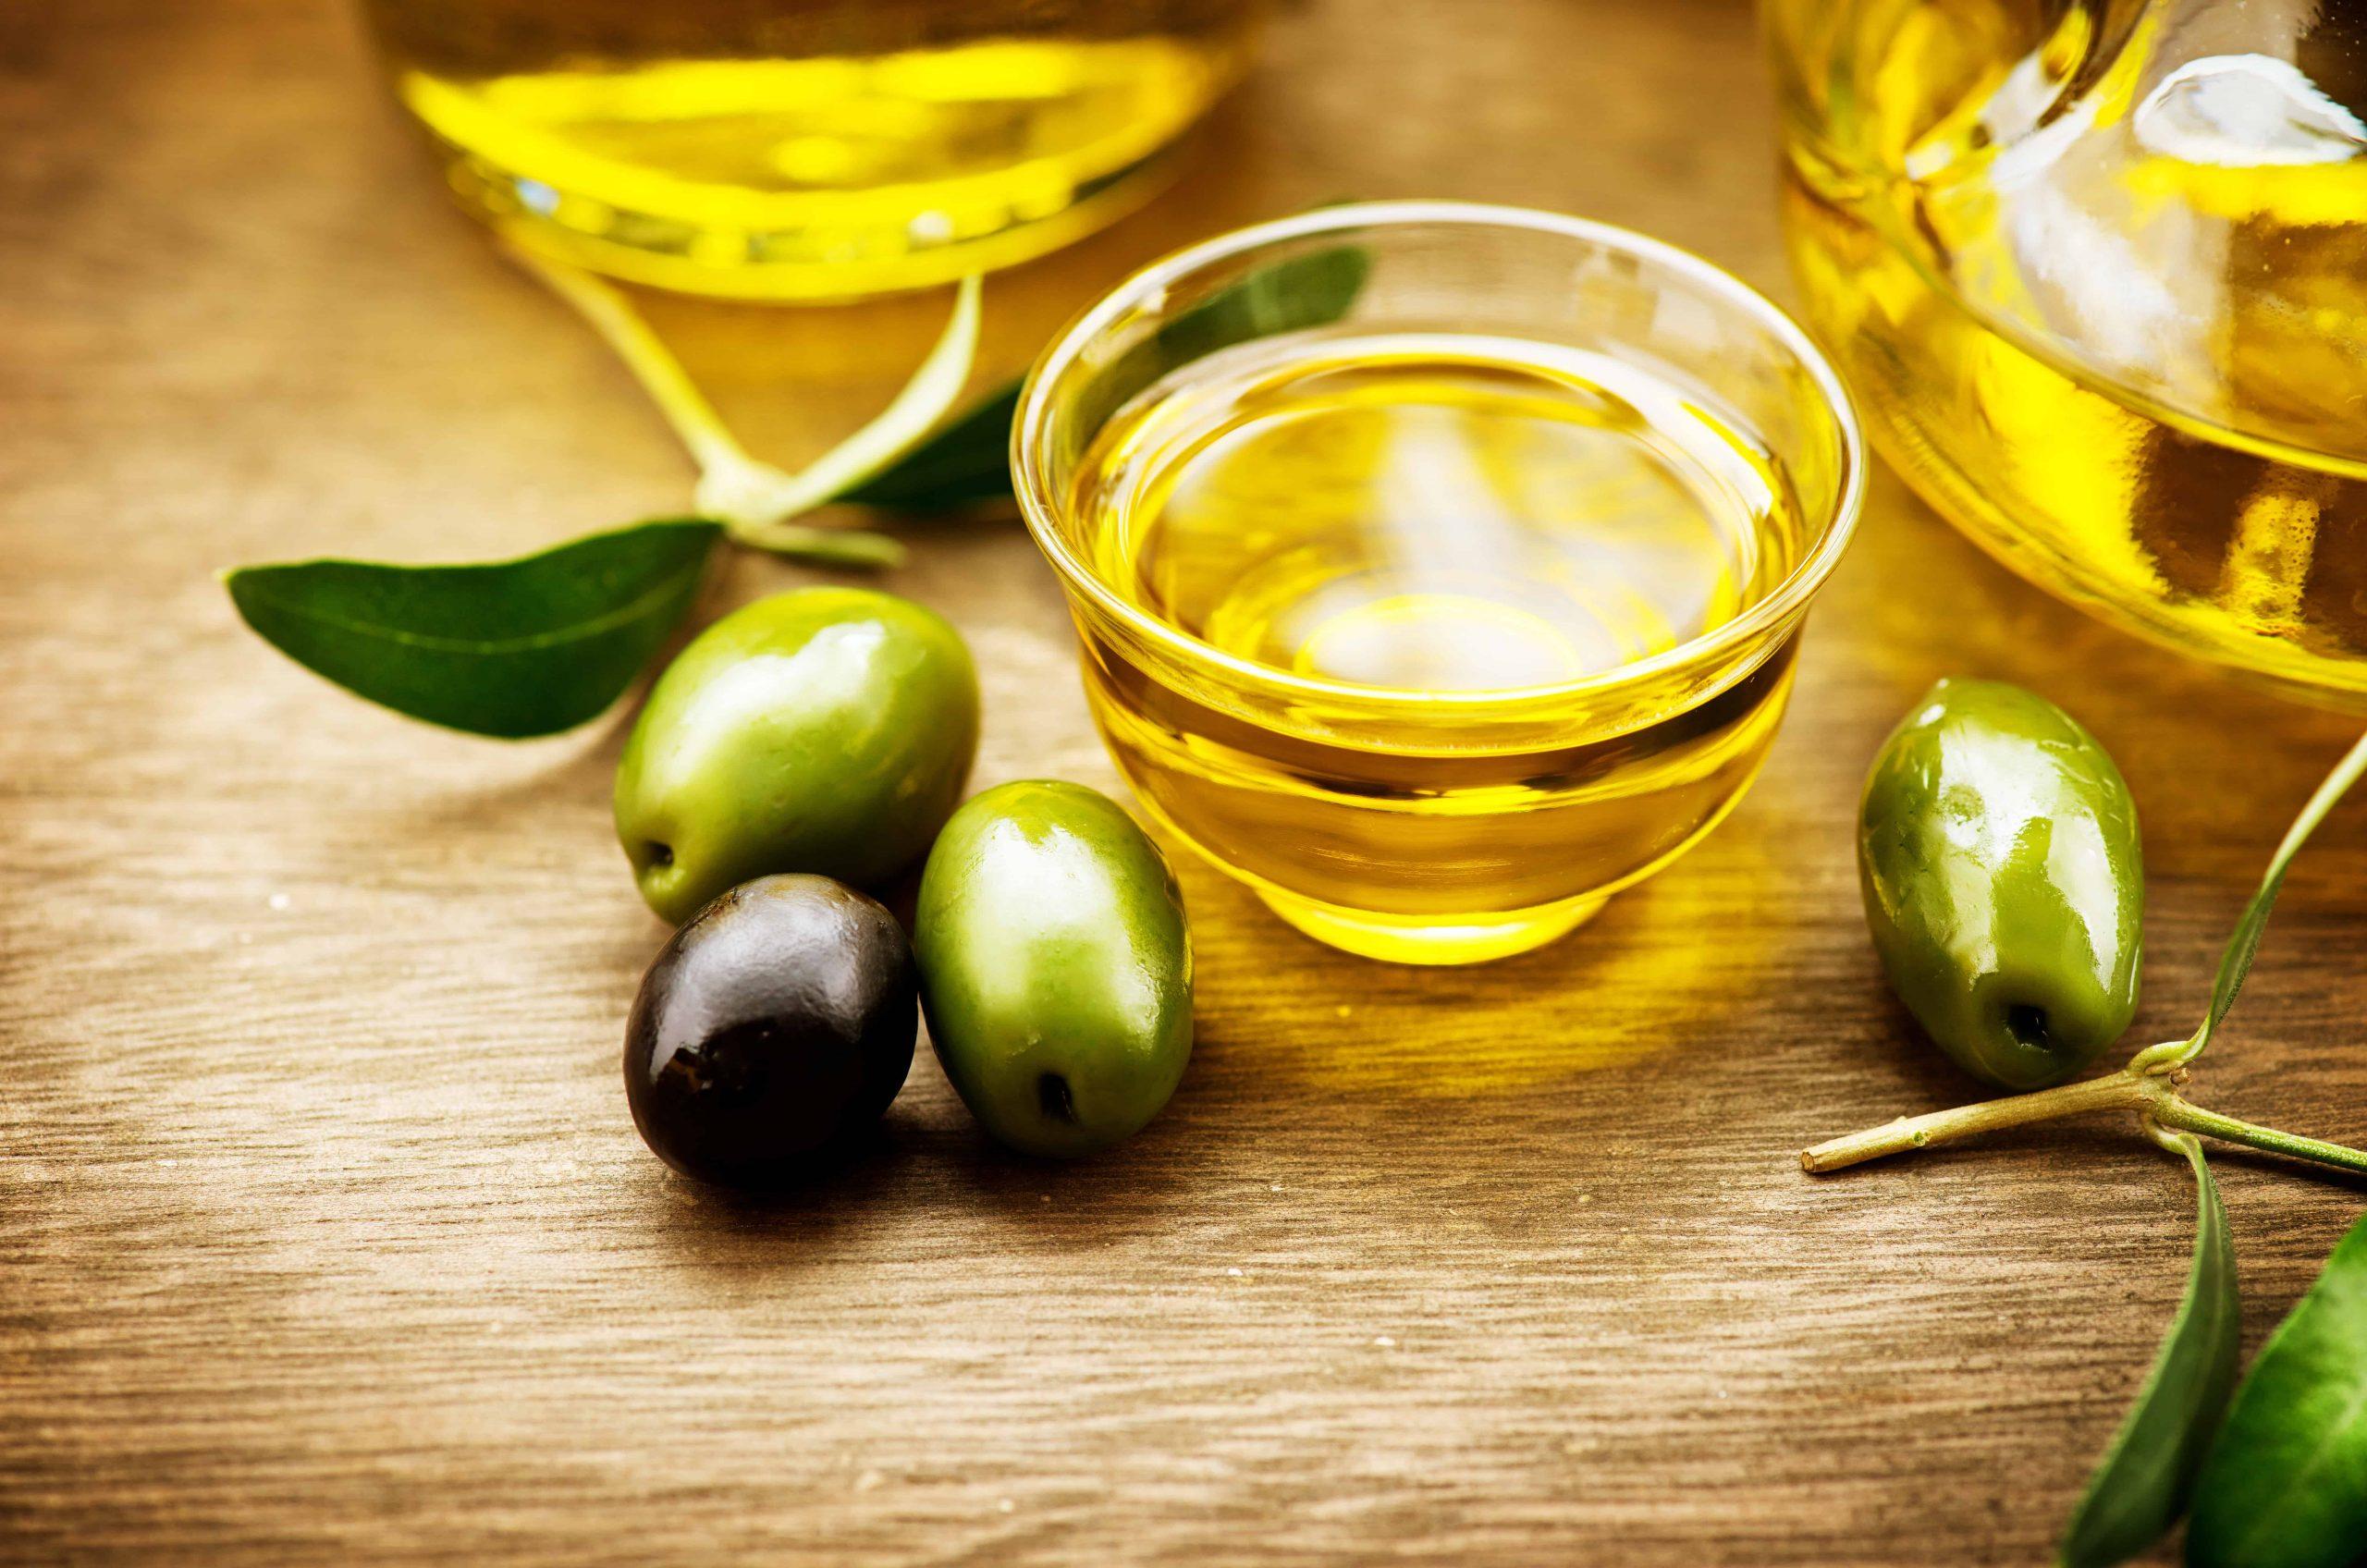 Miglior olio di oliva 2020: Guida all'acquisto